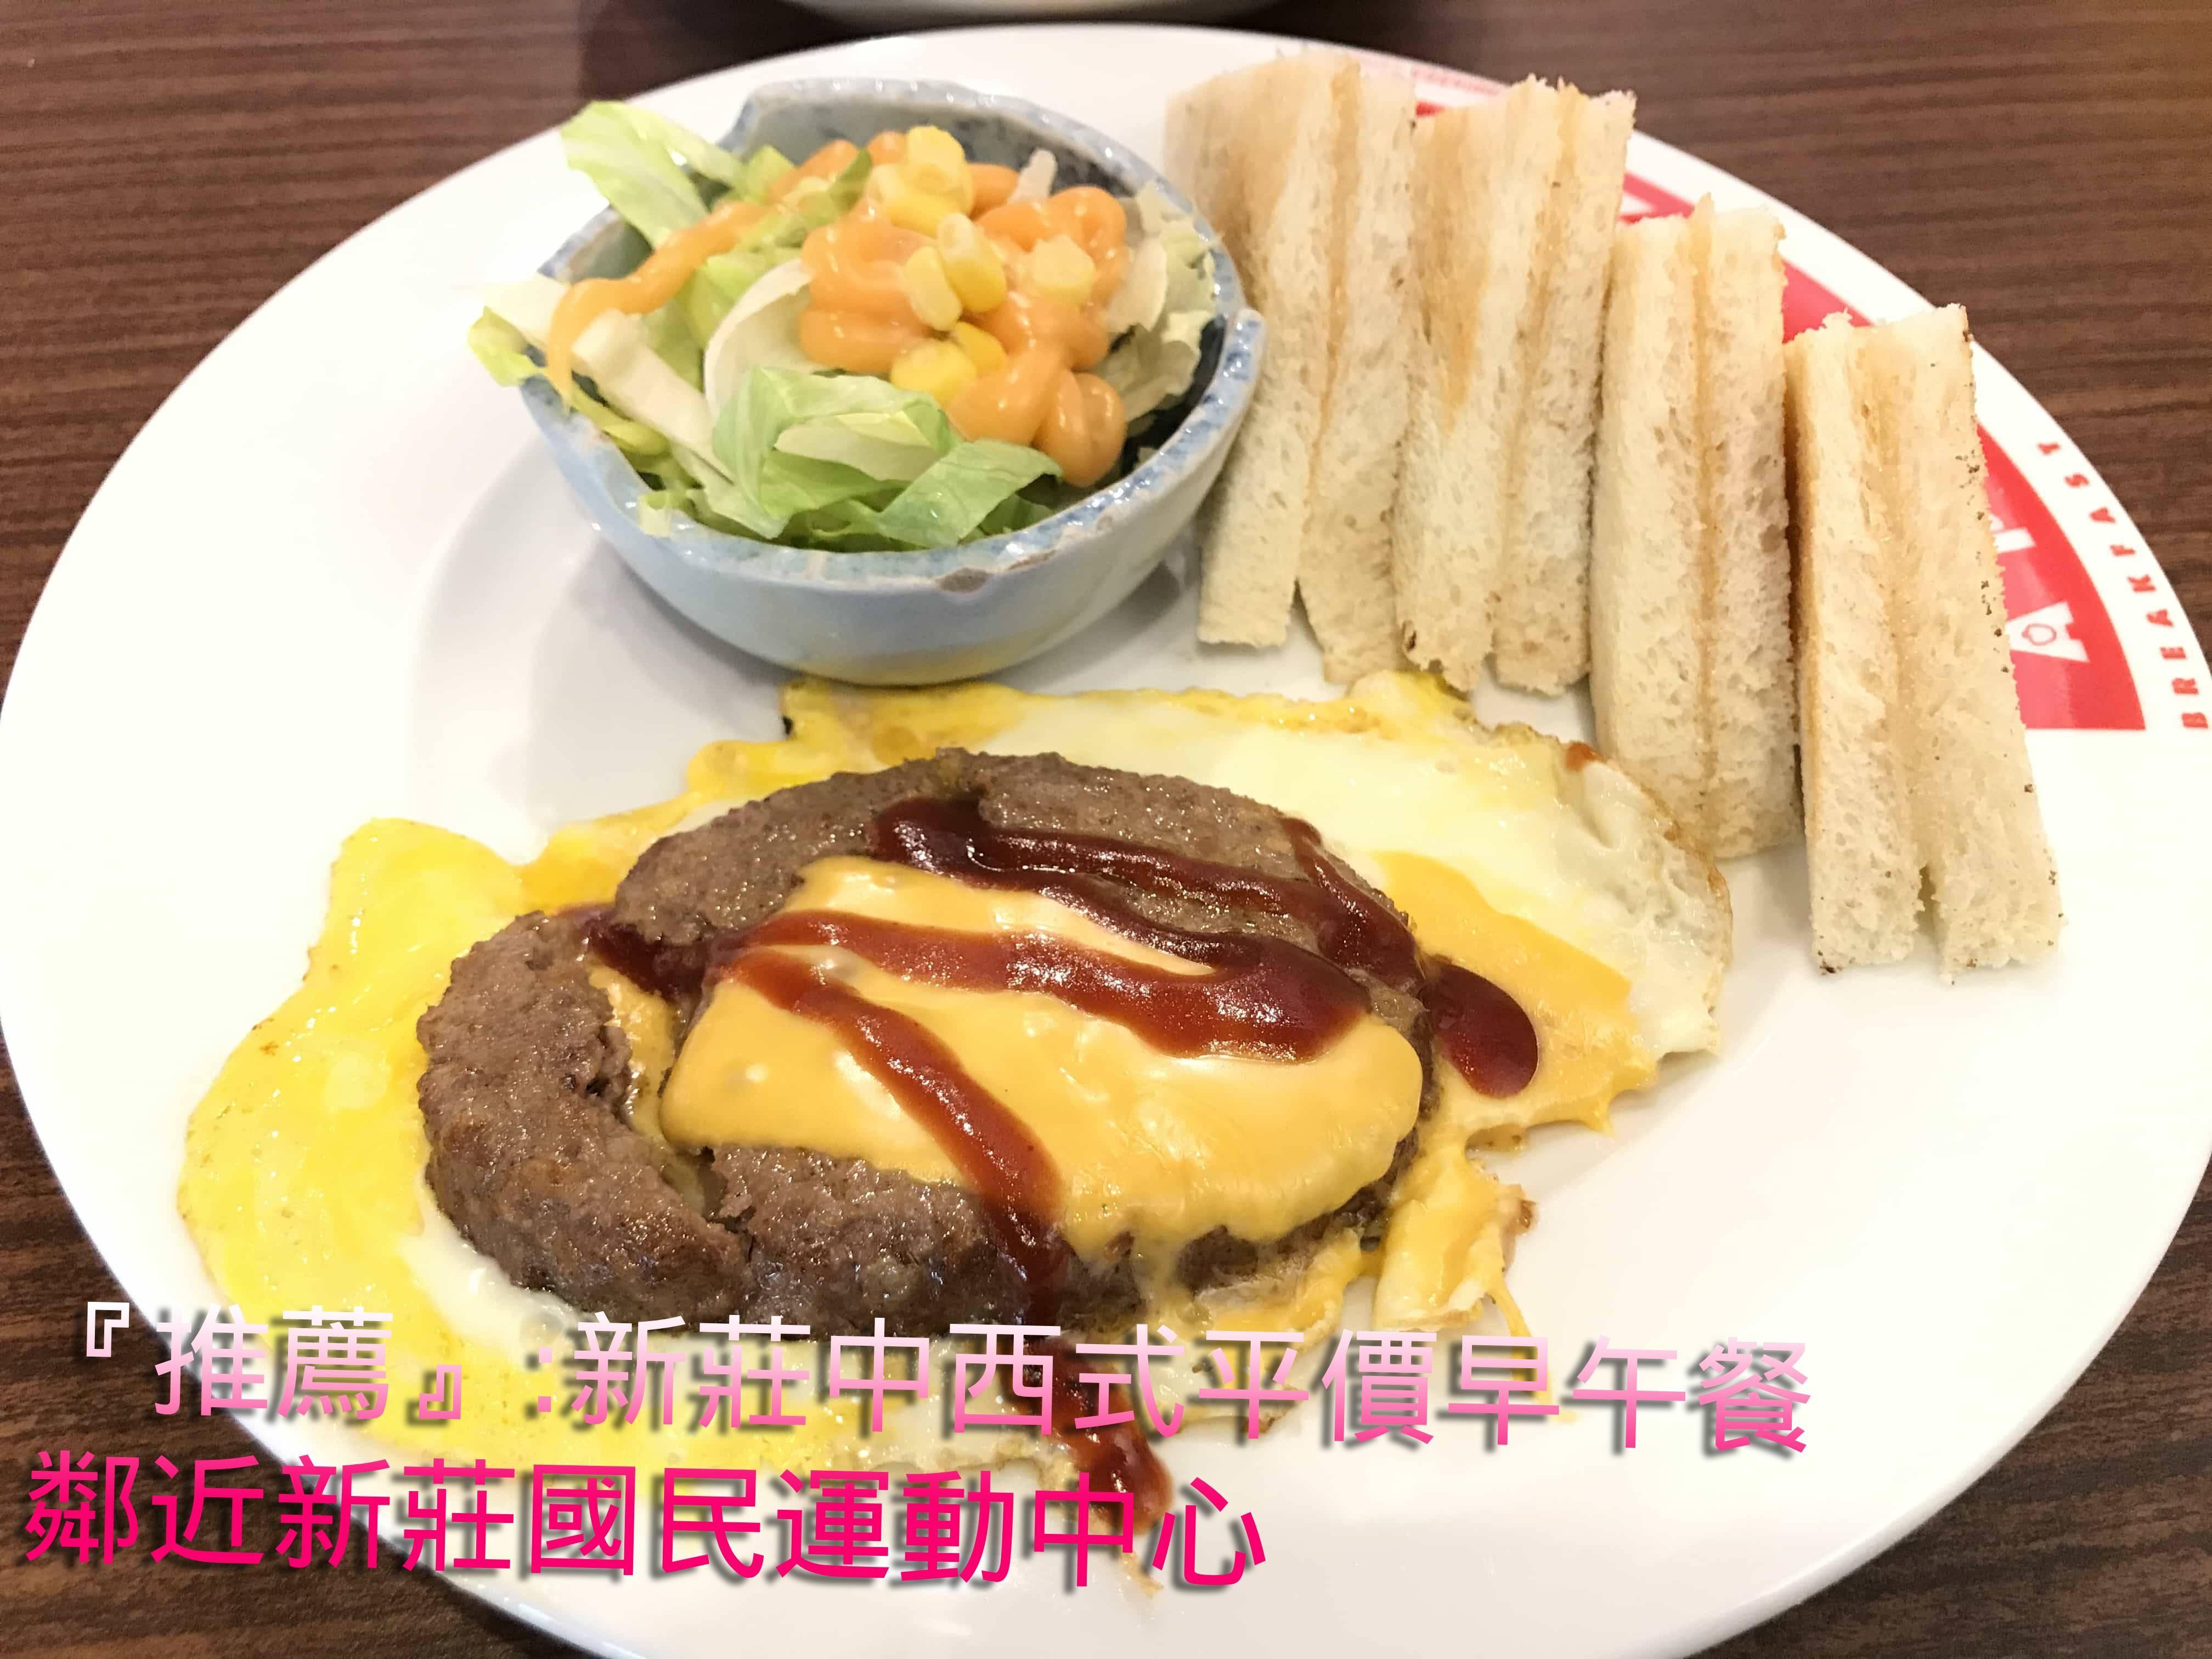 新莊早午餐   新莊國民運動中心中西式平價早午餐蘋果203